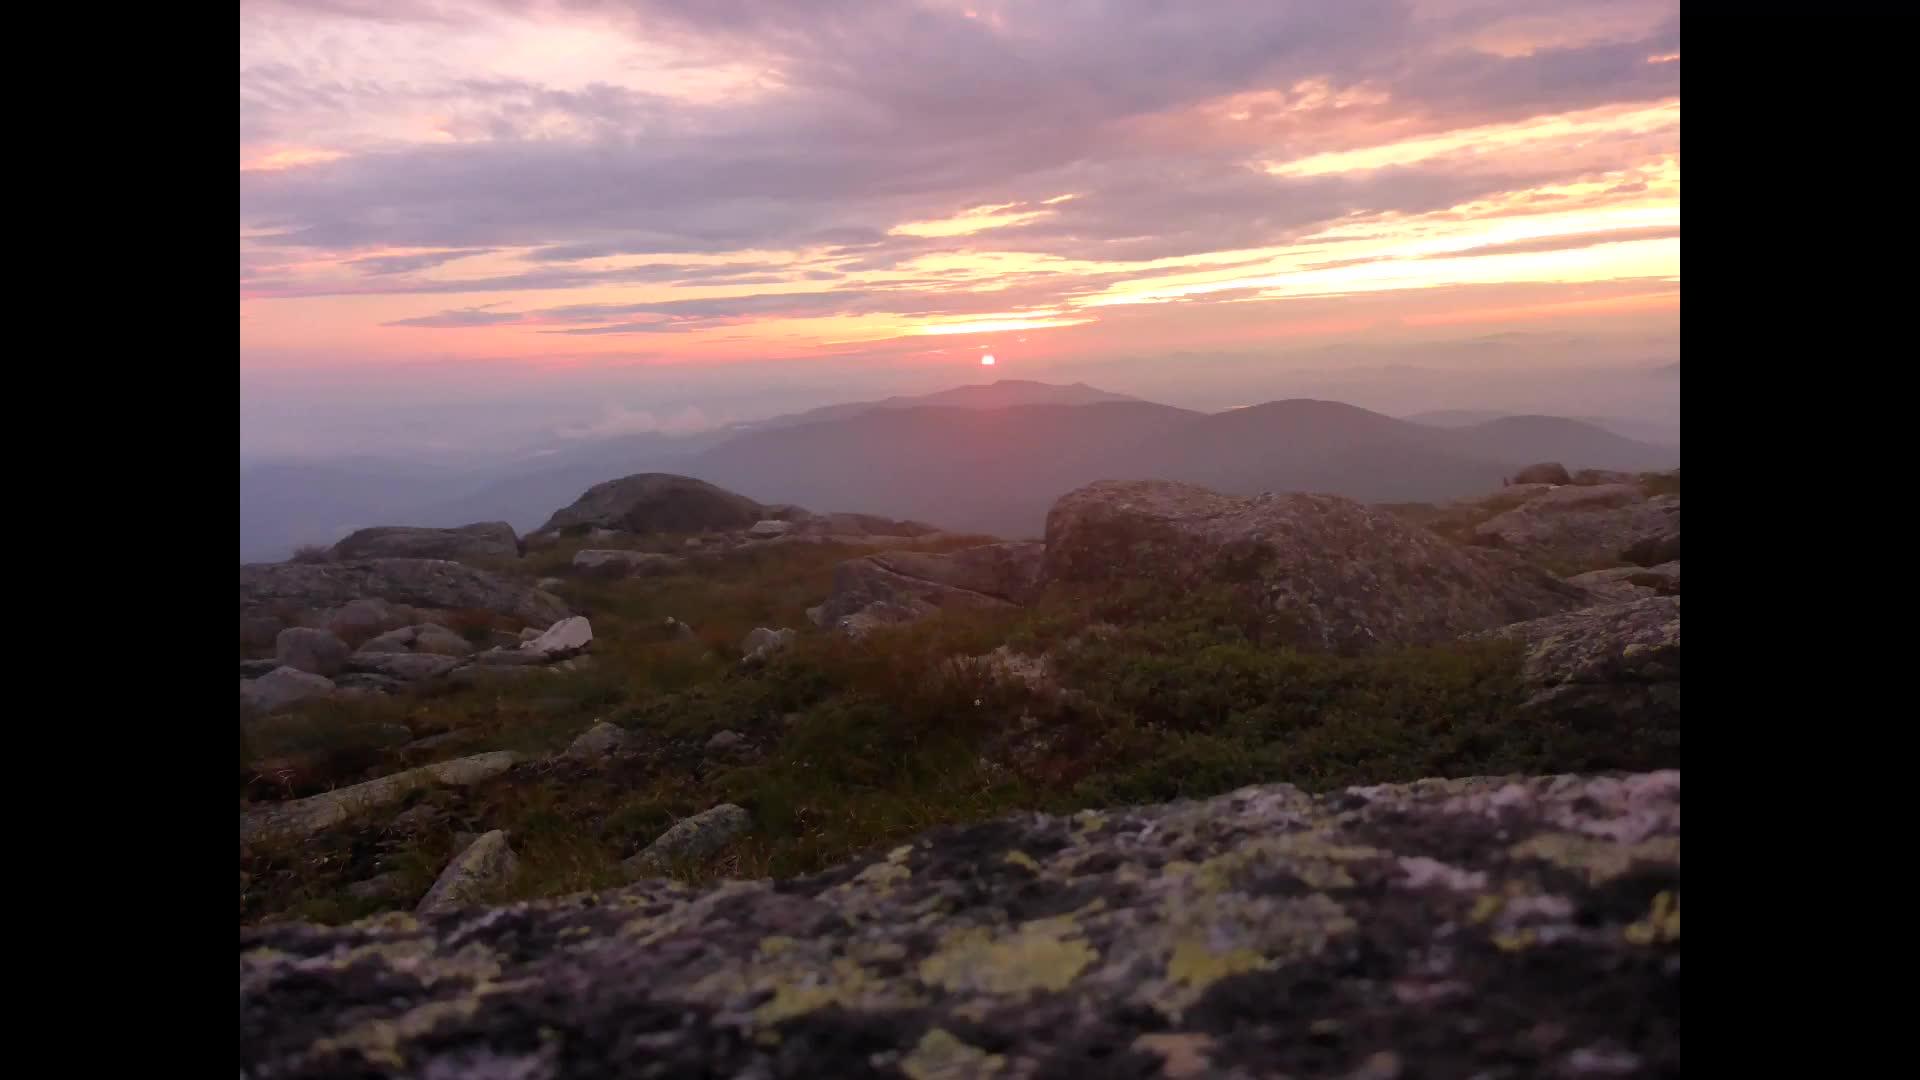 appalachiantrail, Sunset GIFs